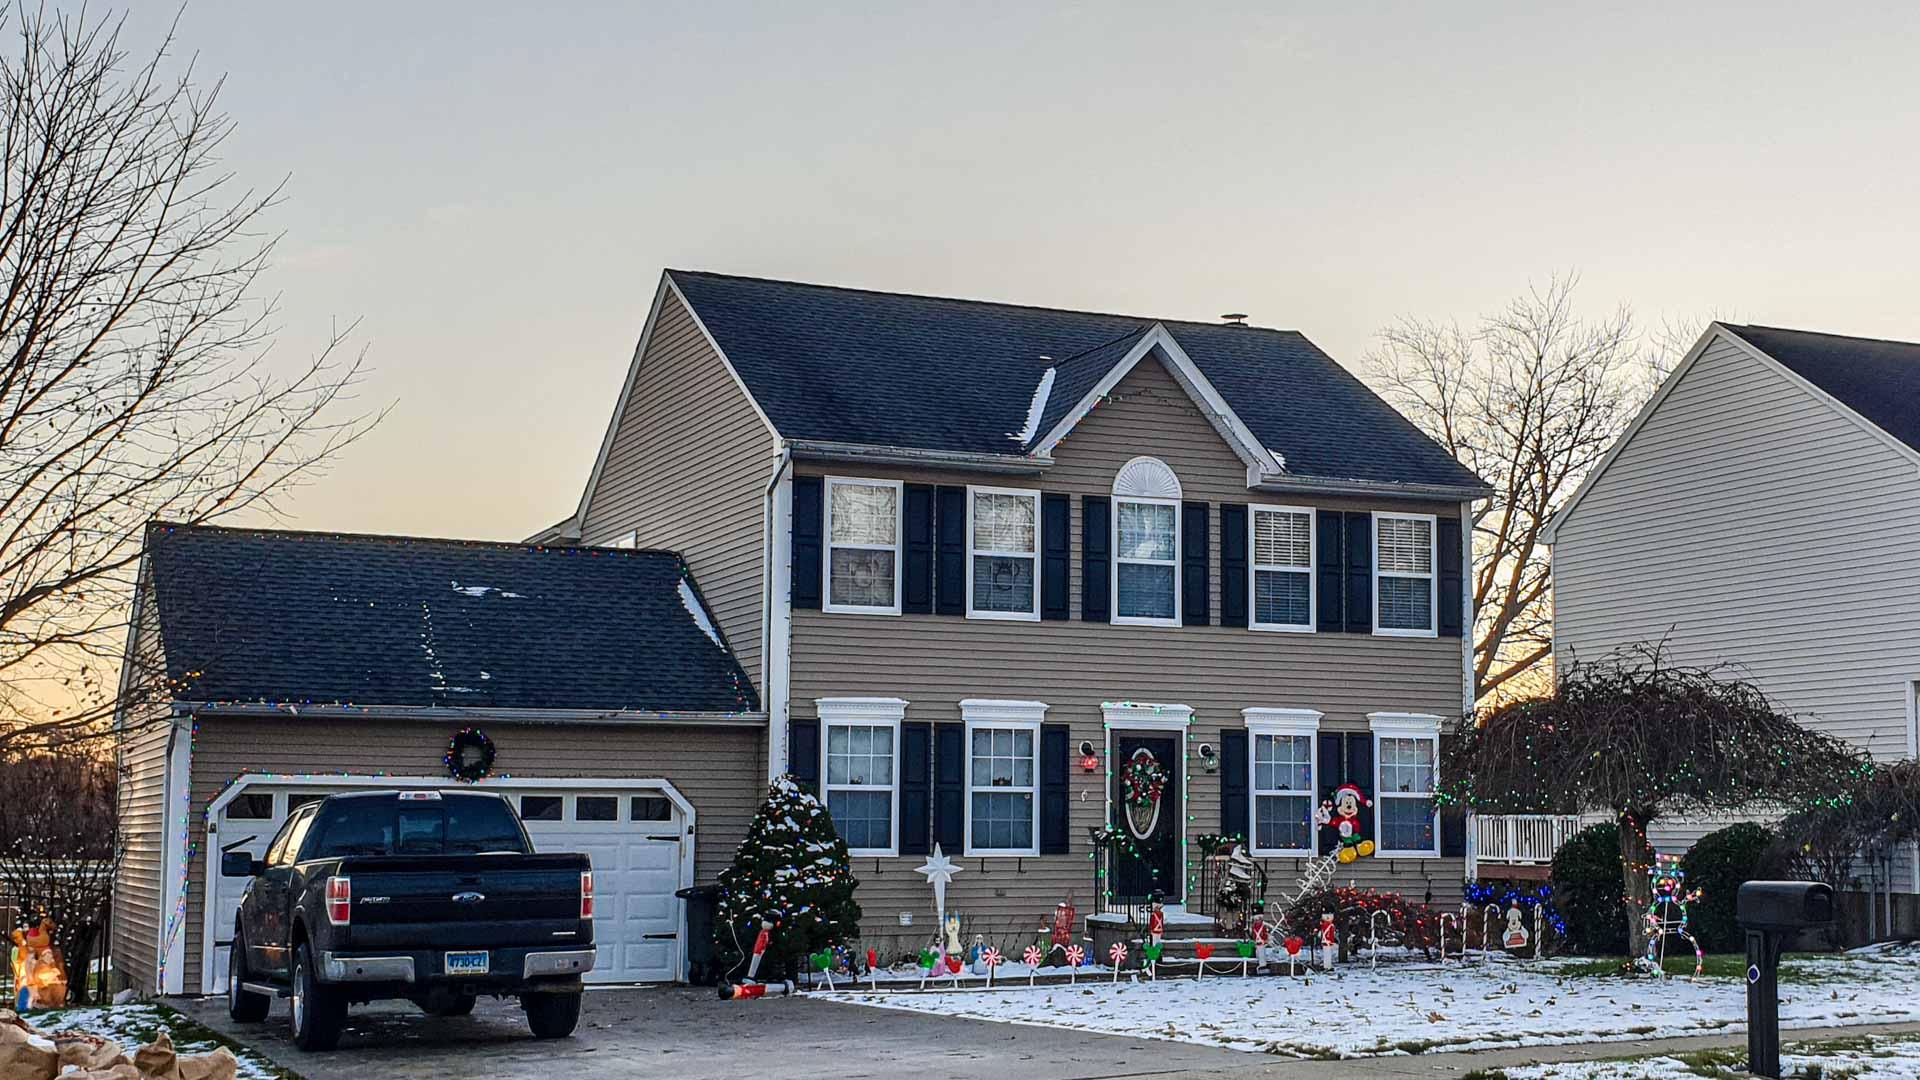 Casa con decoración de Nadal en Milford, Connecticut